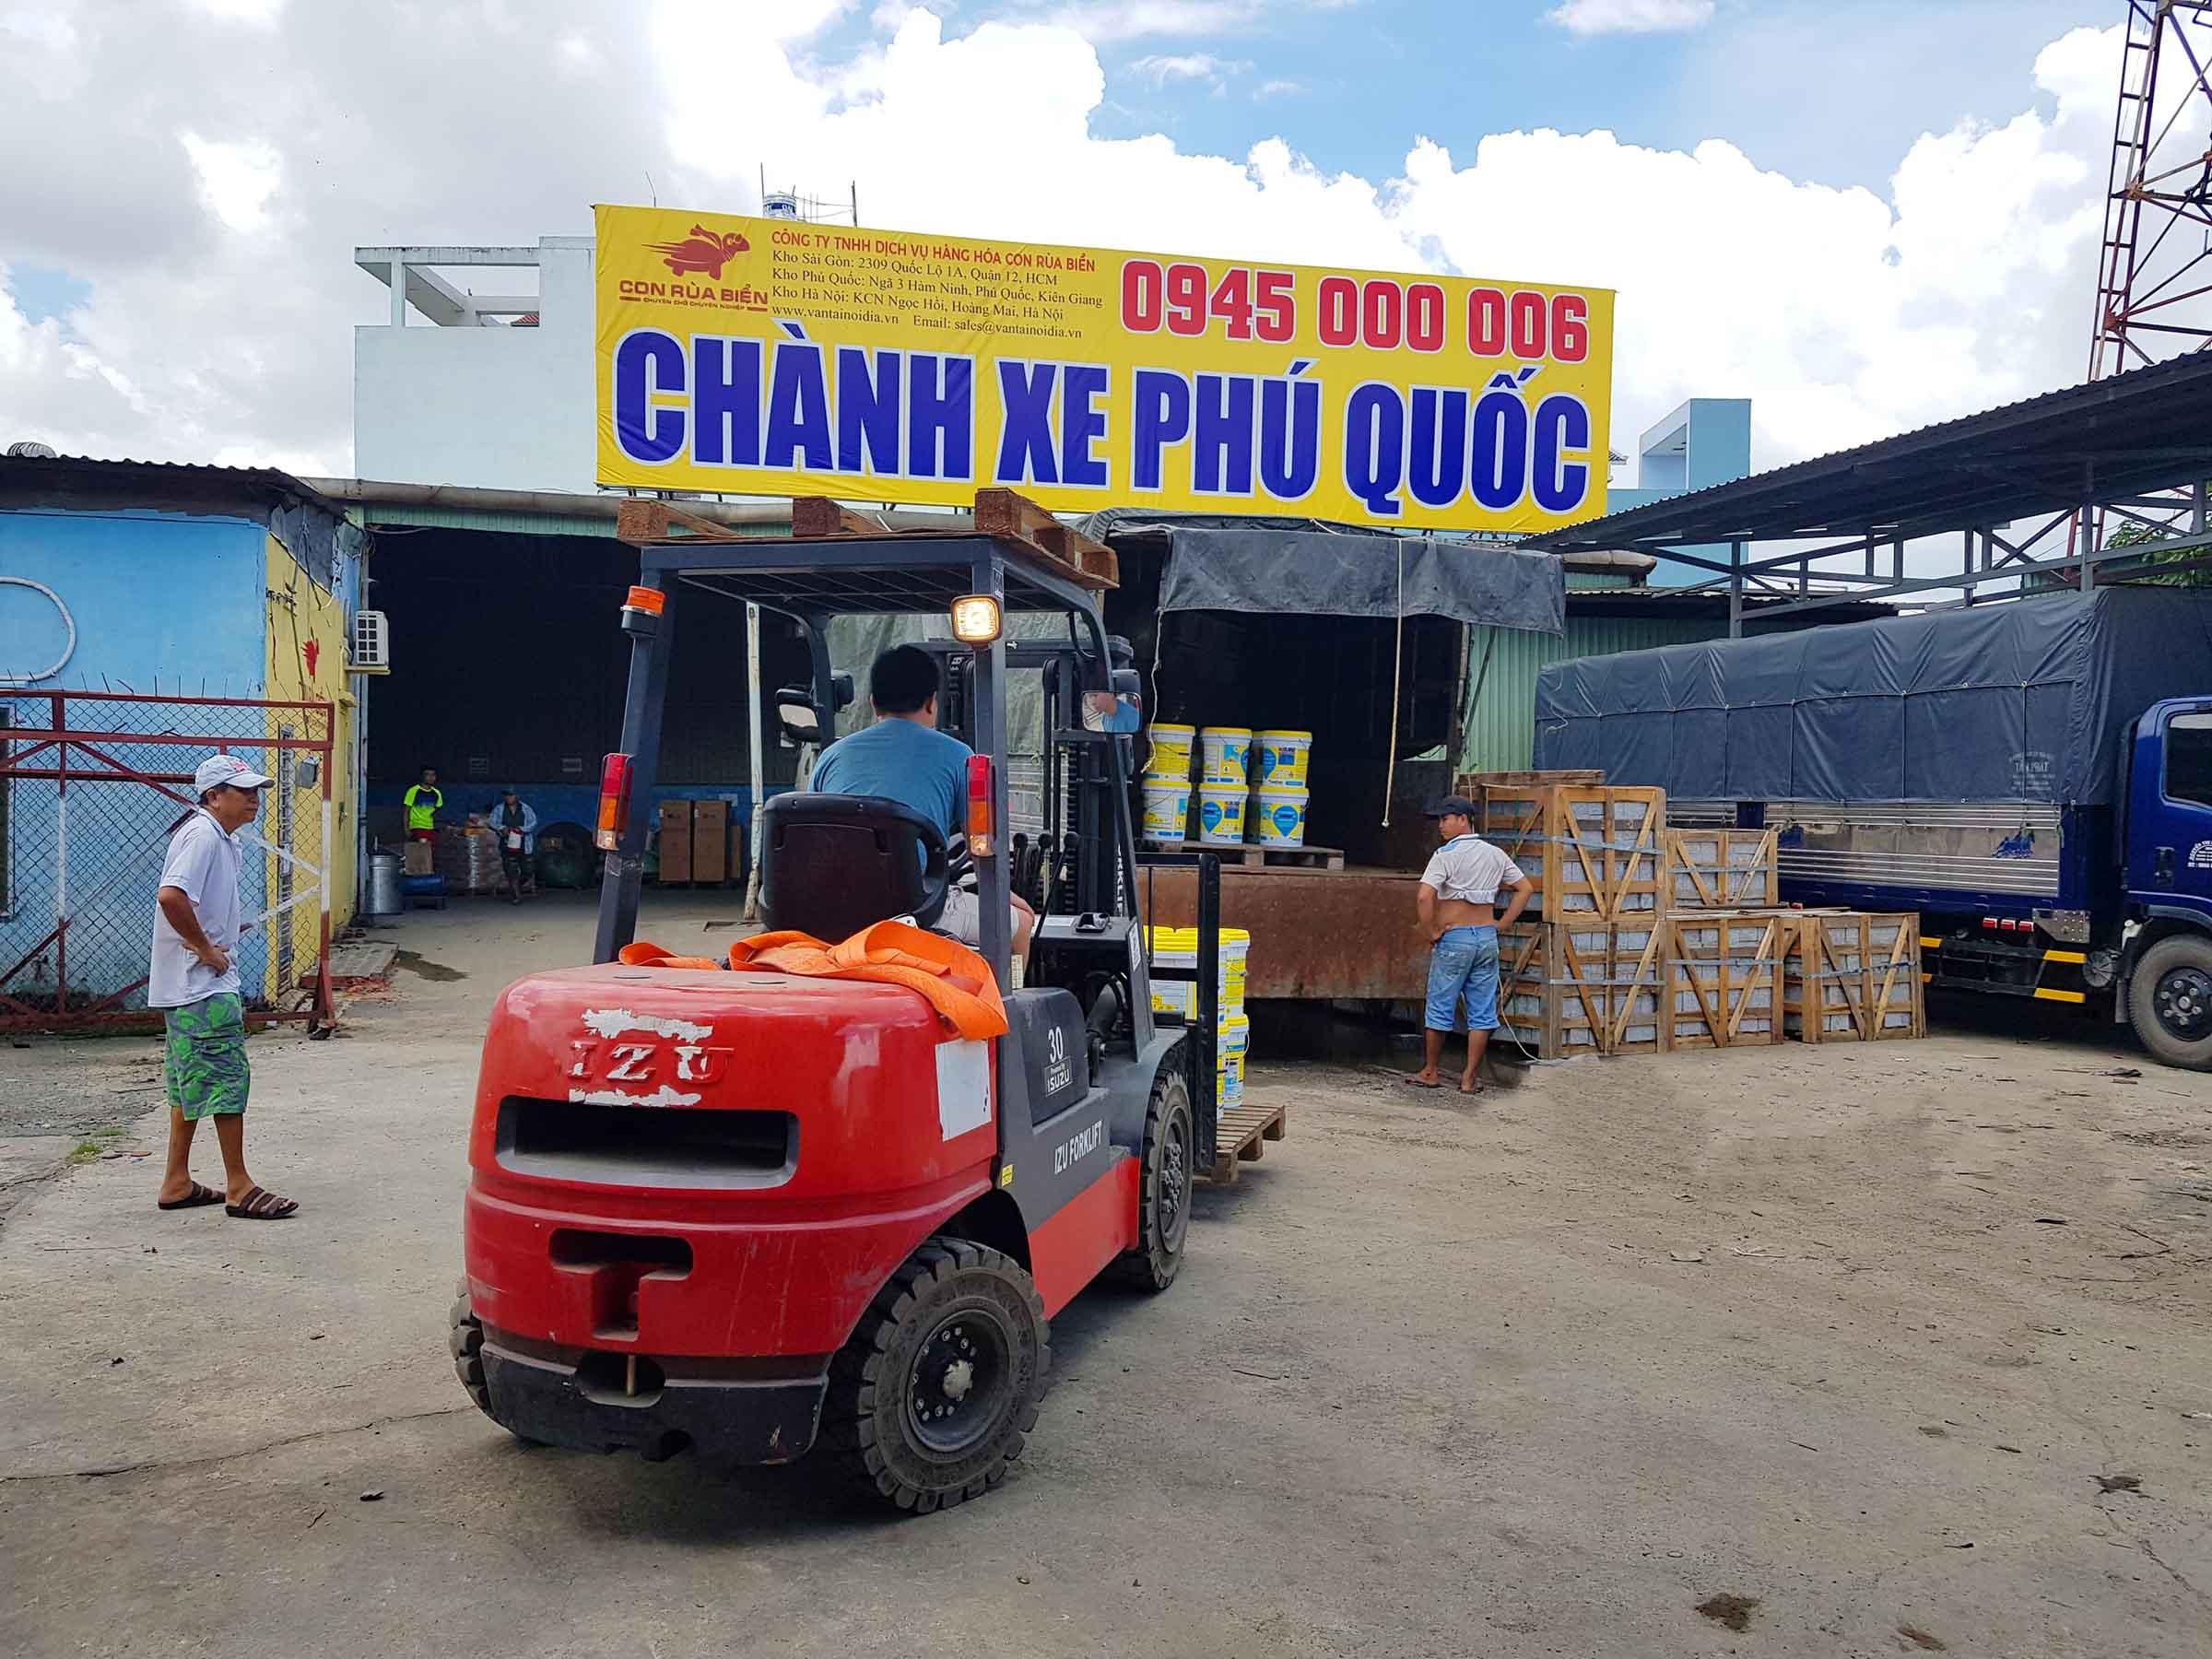 Du an Van chuyen hang Son Nuoc di Phu Quoc 1